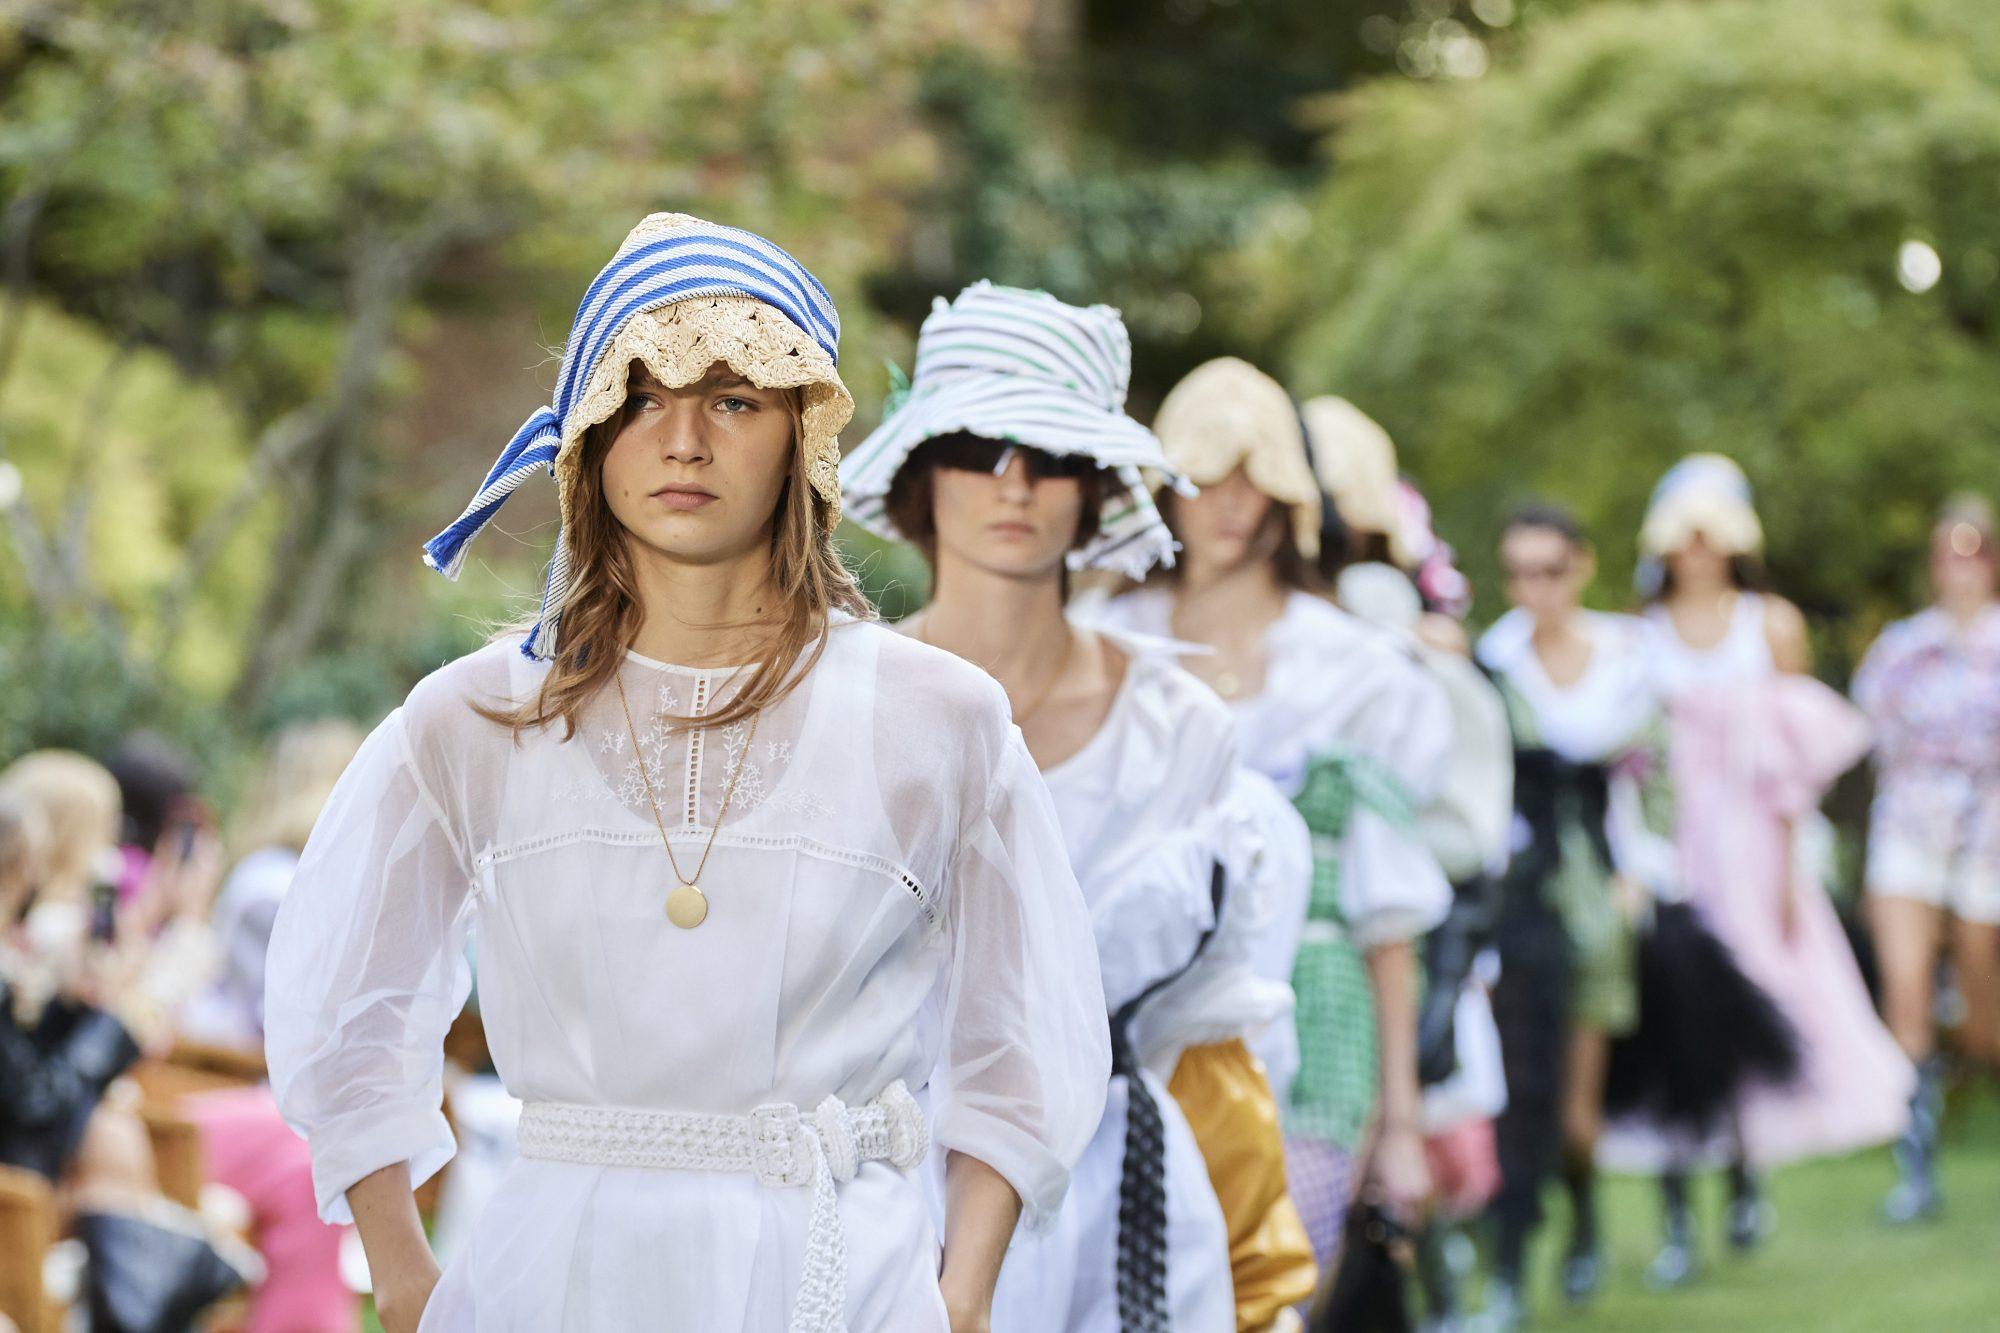 Λευκό φόρεμα: 5 επιλογές από τα Zara που θα σου κοστίσουν λιγότερο από €30 Το λευκό φόρεμα απoτελεί το must have item για το καλοκαίρι γι΄ αυτό εμείς βρήκαμε 5 στυλάτες επιλογές από τα Zara που θα αναβαθμίσουν το στυλ σου. Και μάλιστα χωρίς να χρειαστεί να σπαταλίσεις μια μικρή περιουσία...